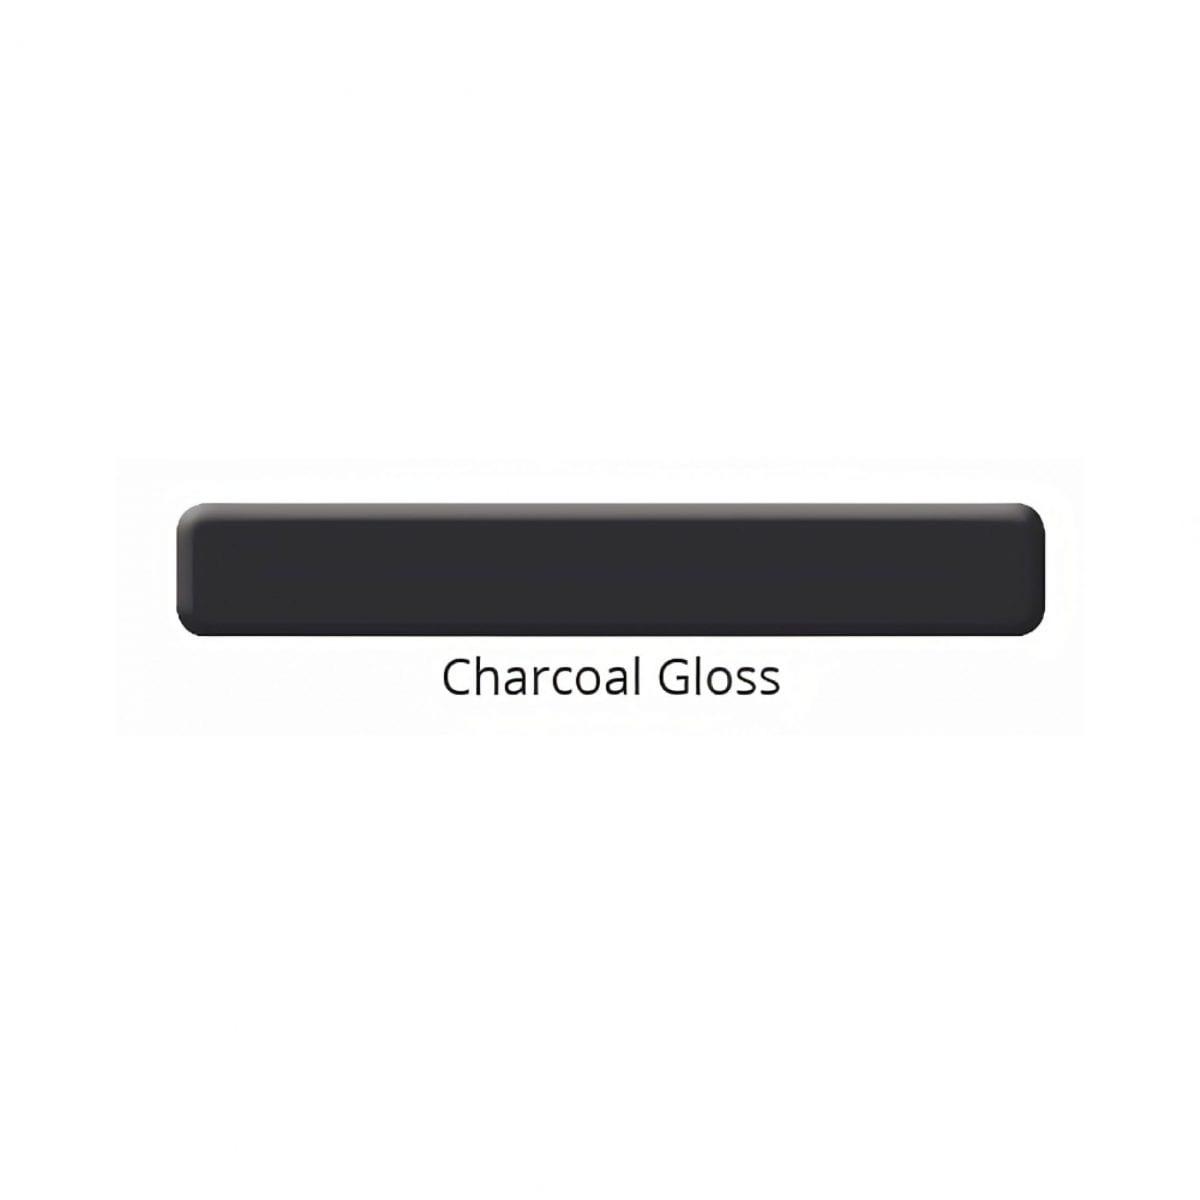 Charcoal Gloss color